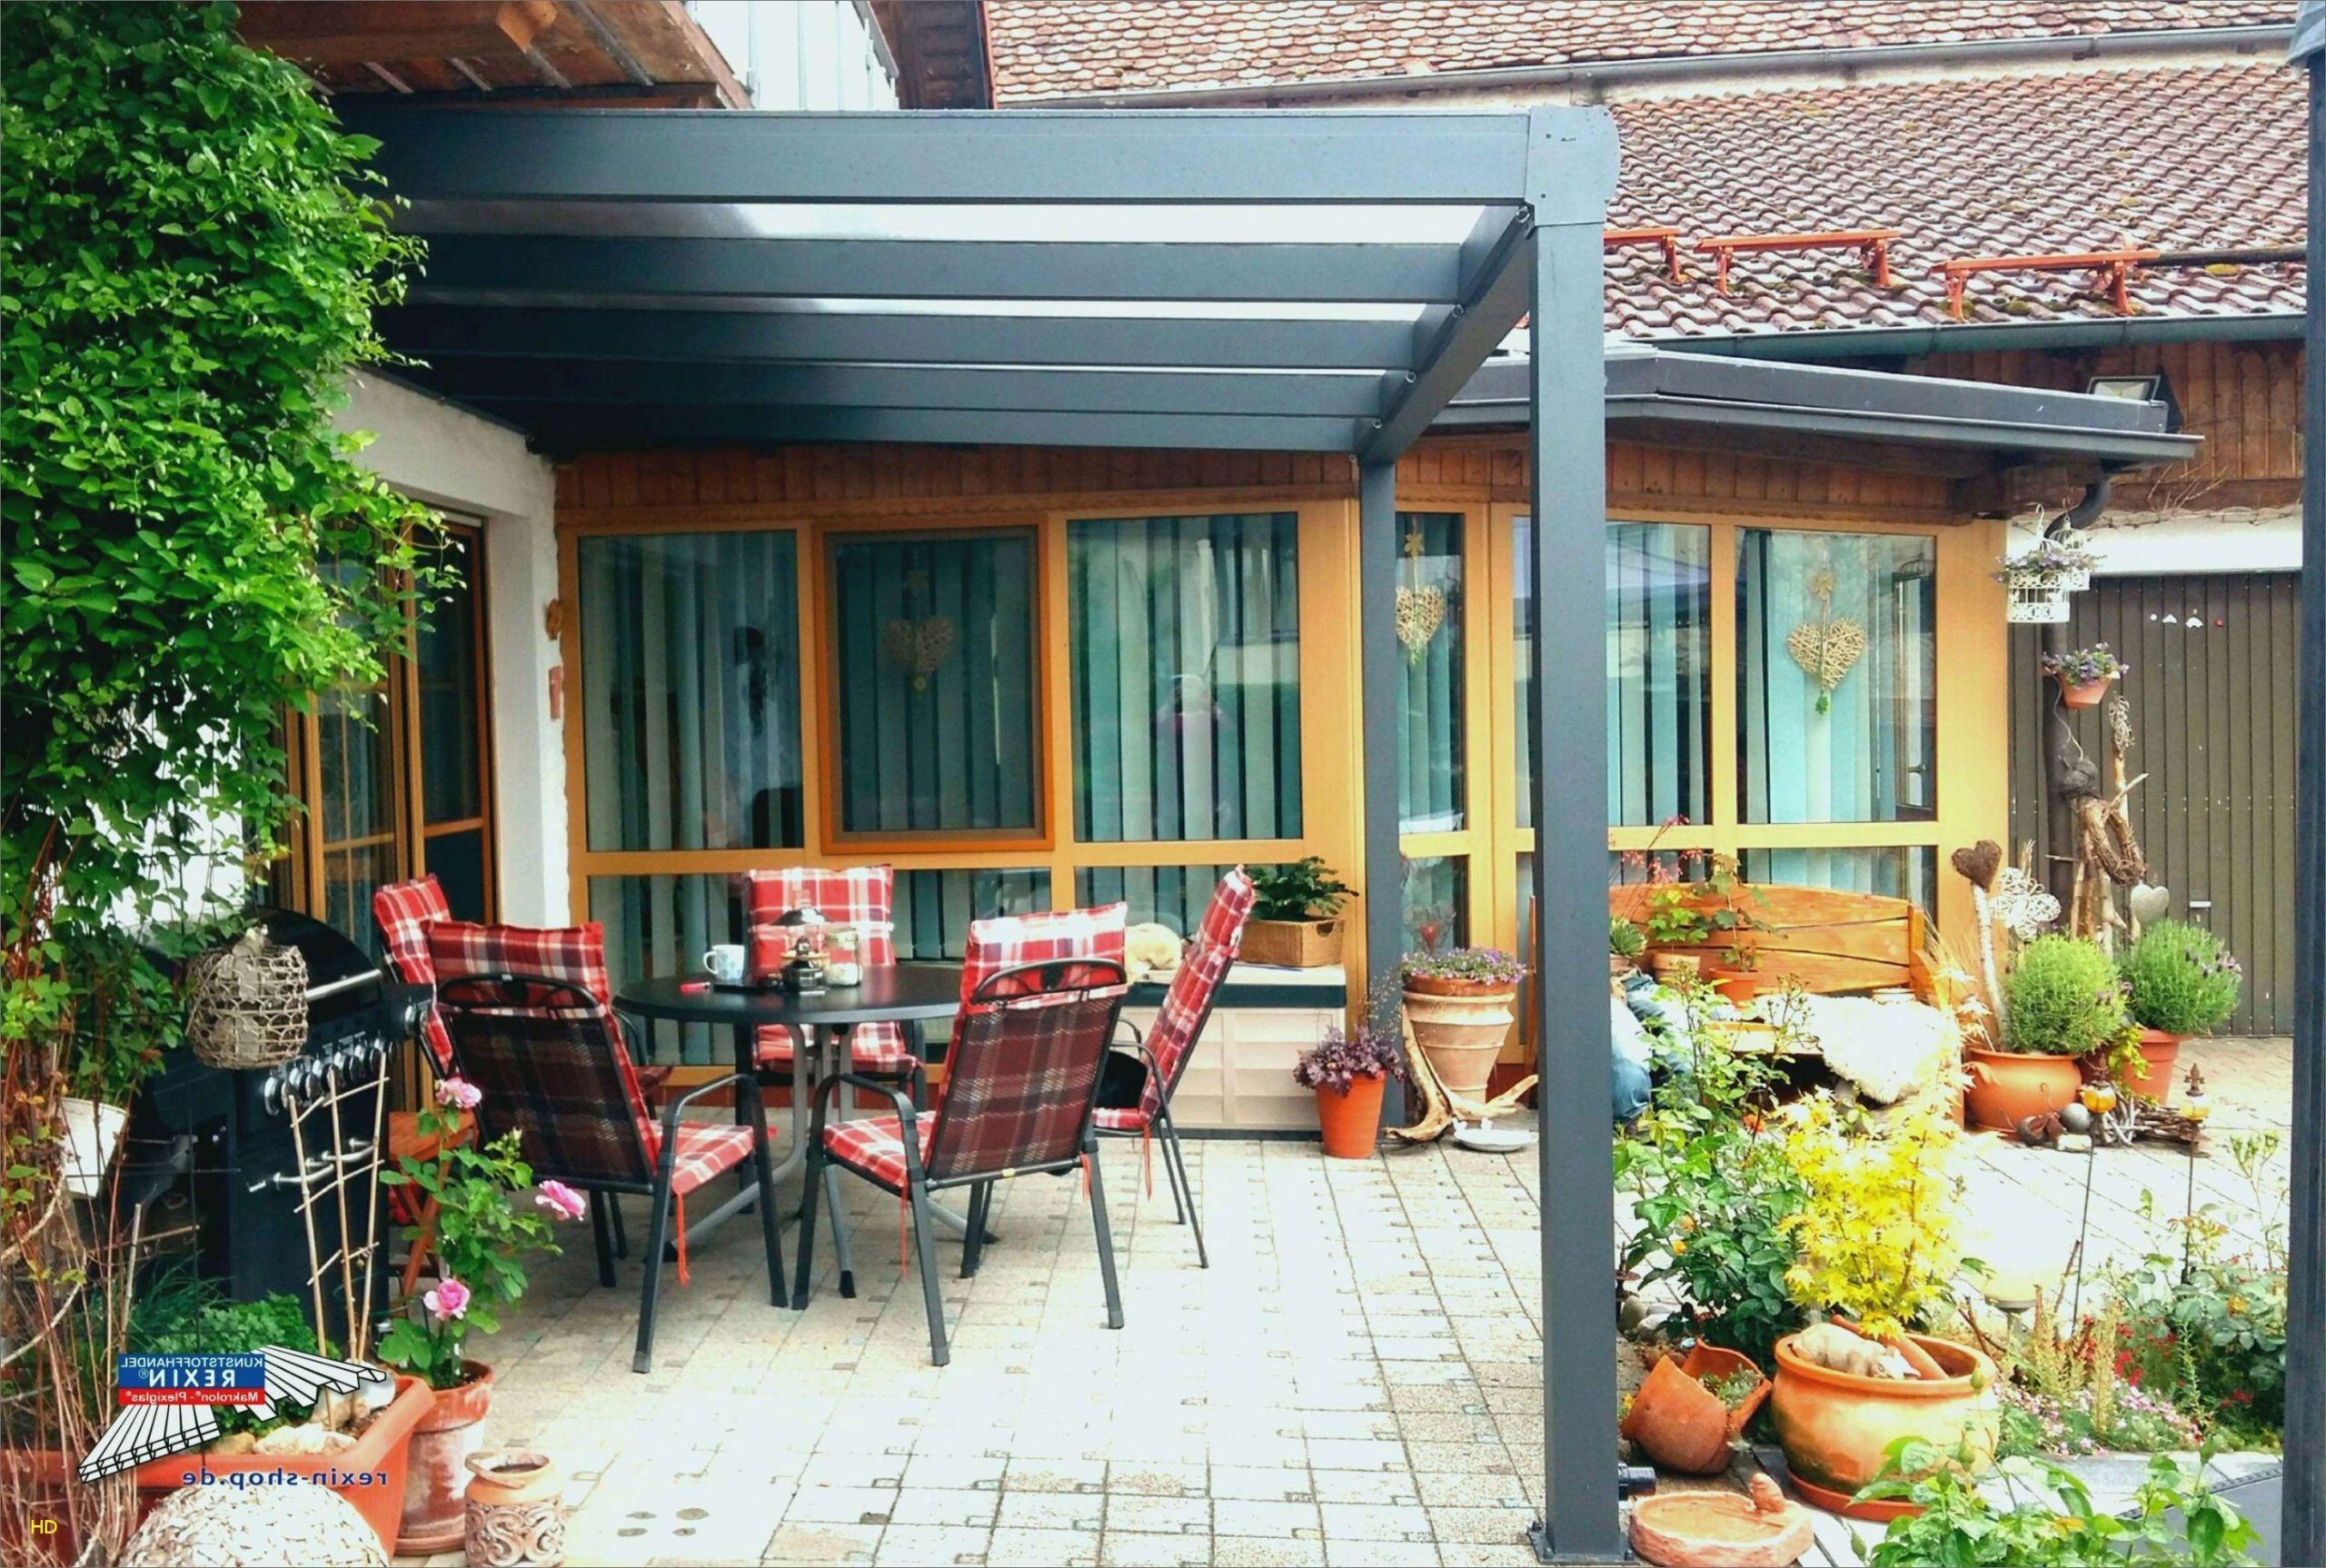 42 schon terrassengestaltung modern bilder moderne terrassen ideen moderne terrassen ideen